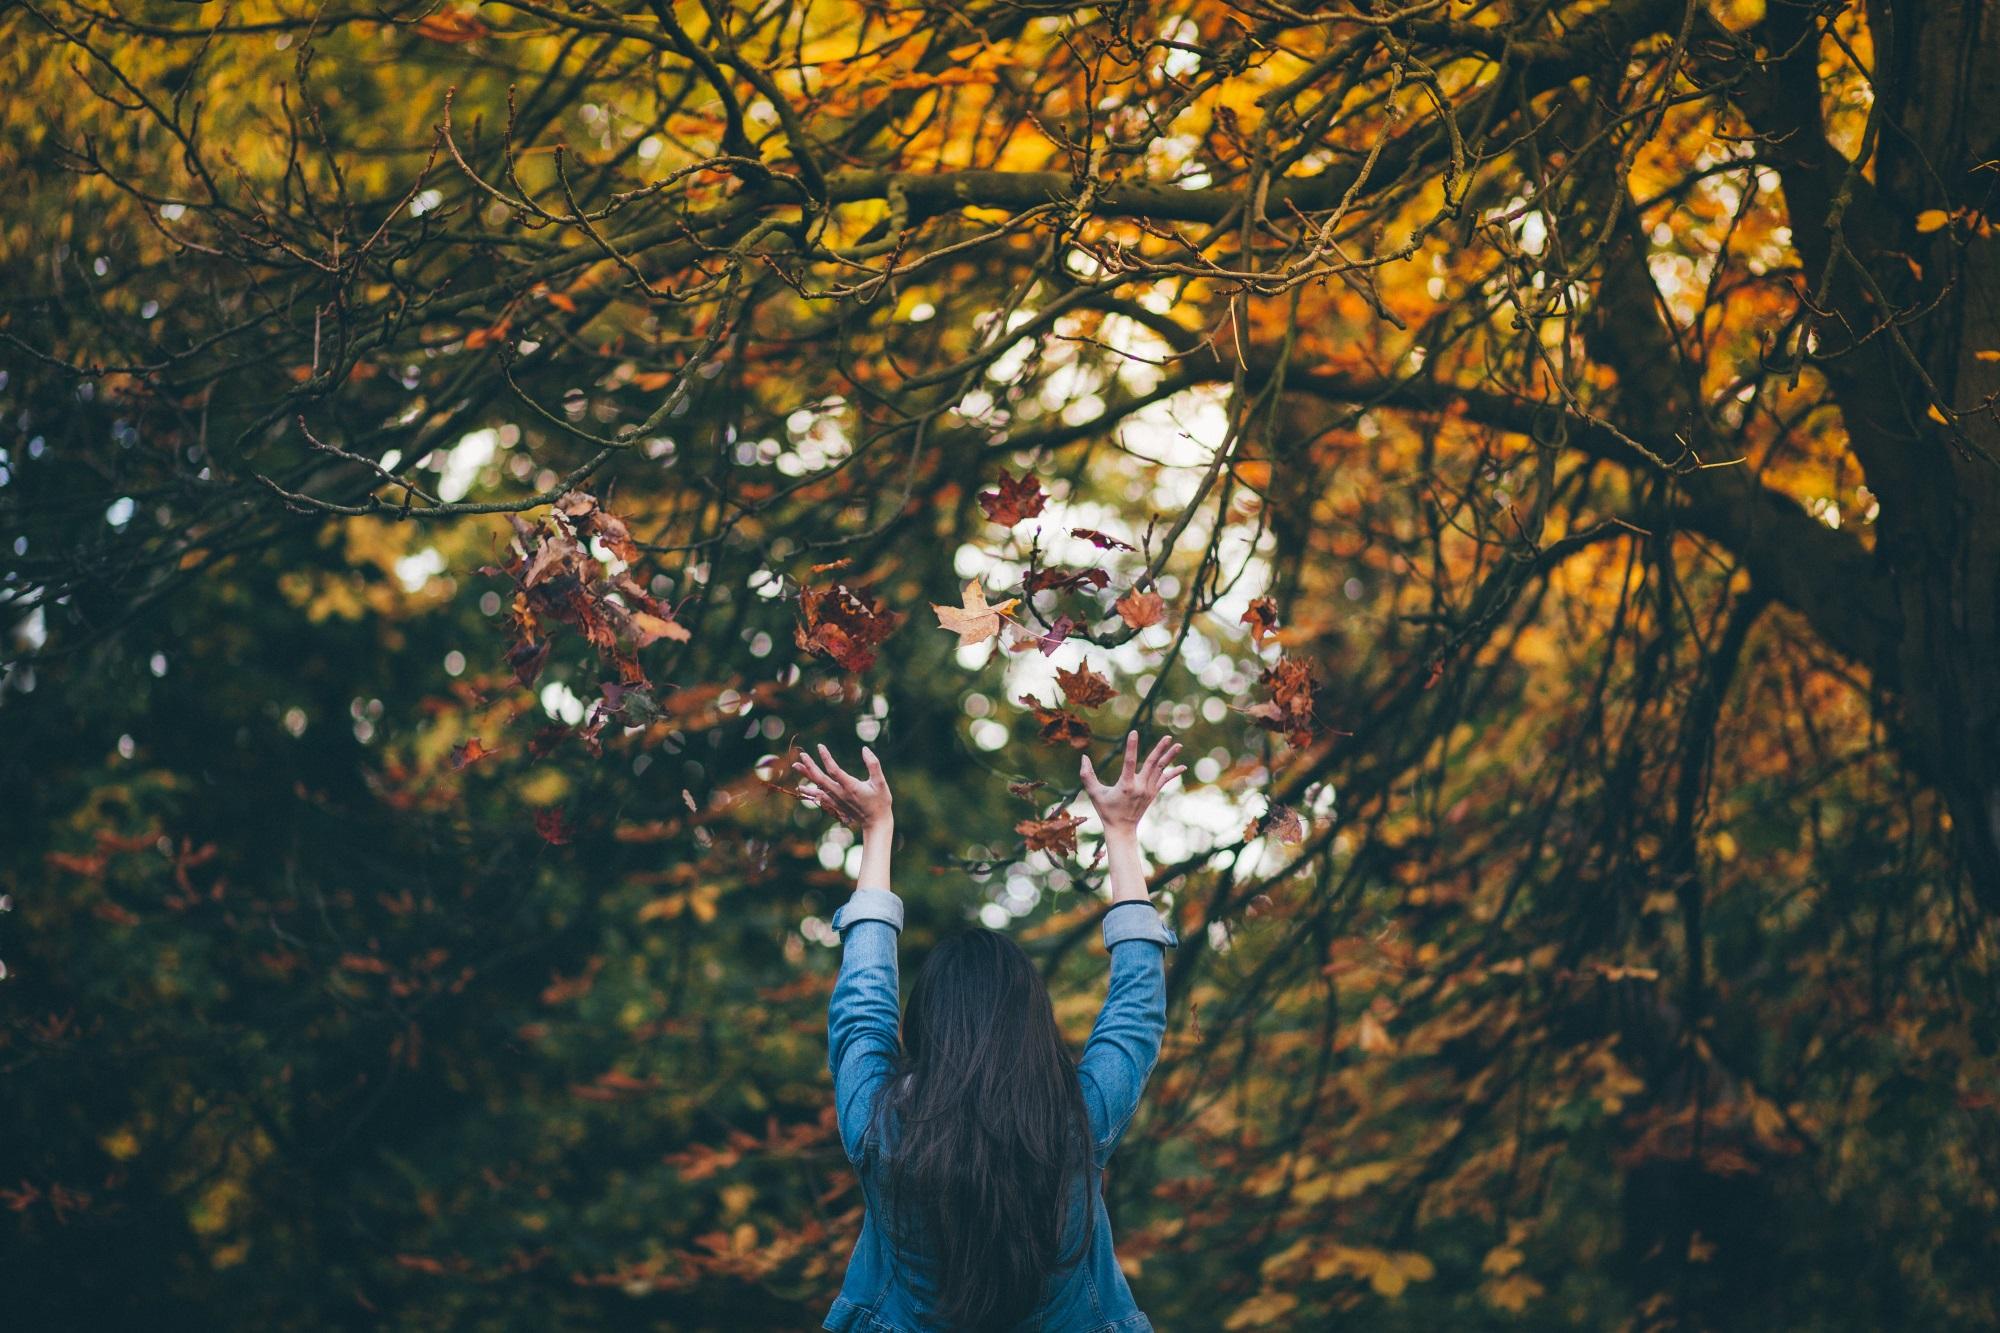 4 thói xấu tưởng vô hại lại khiến phụ nữ cô quả cả đời, bất hạnh triền miên - Ảnh 3